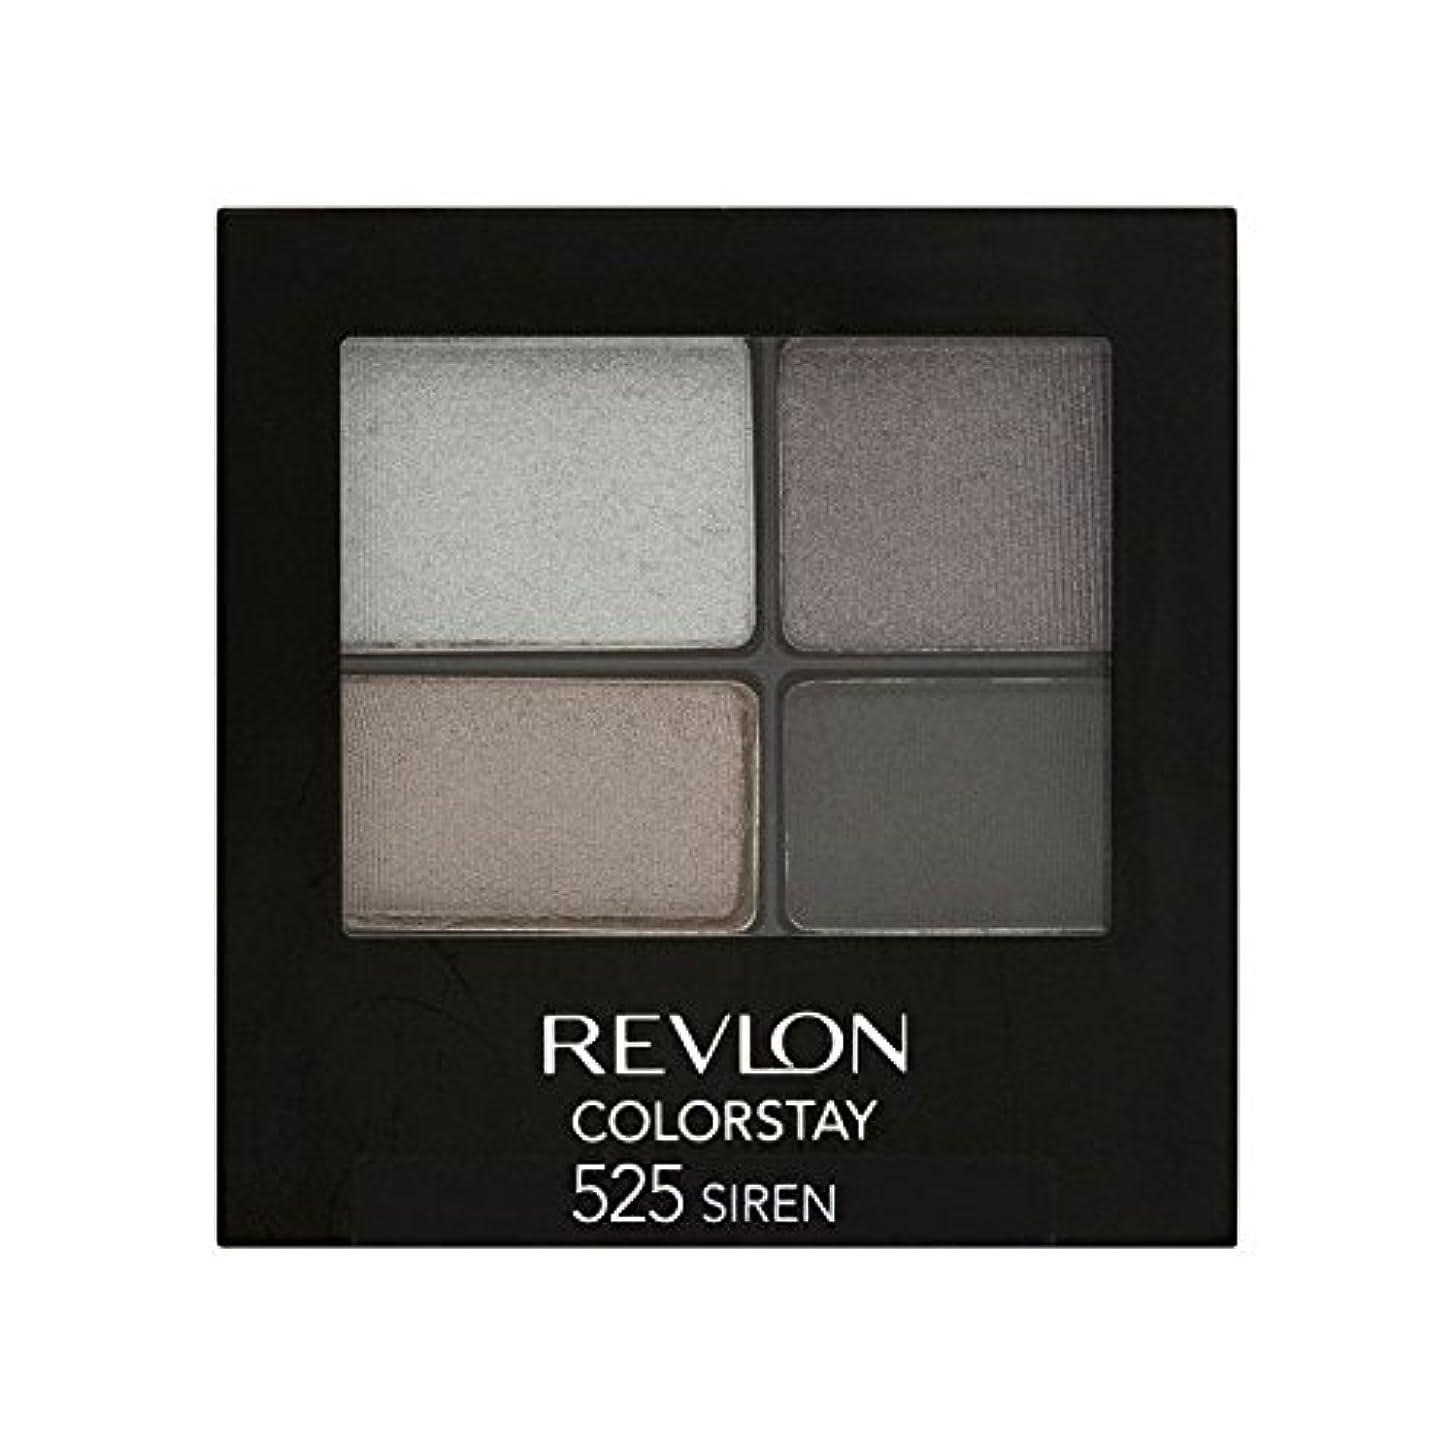 対処する適性通信網Revlon Colorstay 16 Hour Eye Shadow Siren 525 - レブロンの 16時間アイシャドウサイレン525 [並行輸入品]